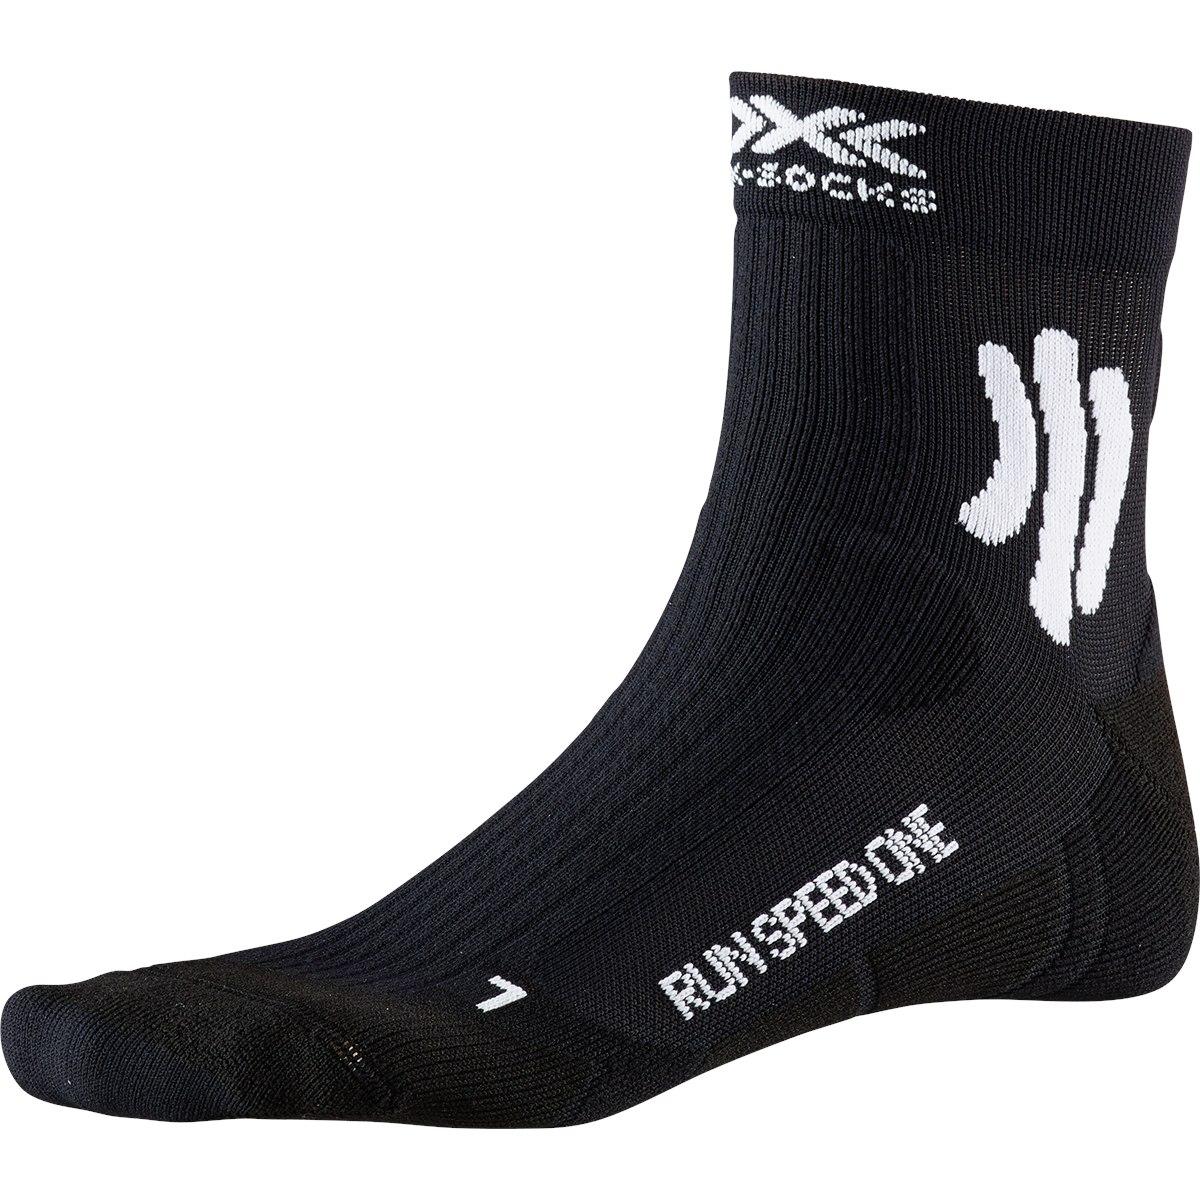 Bild von X-Socks Run Speed One Laufsocken - opal black